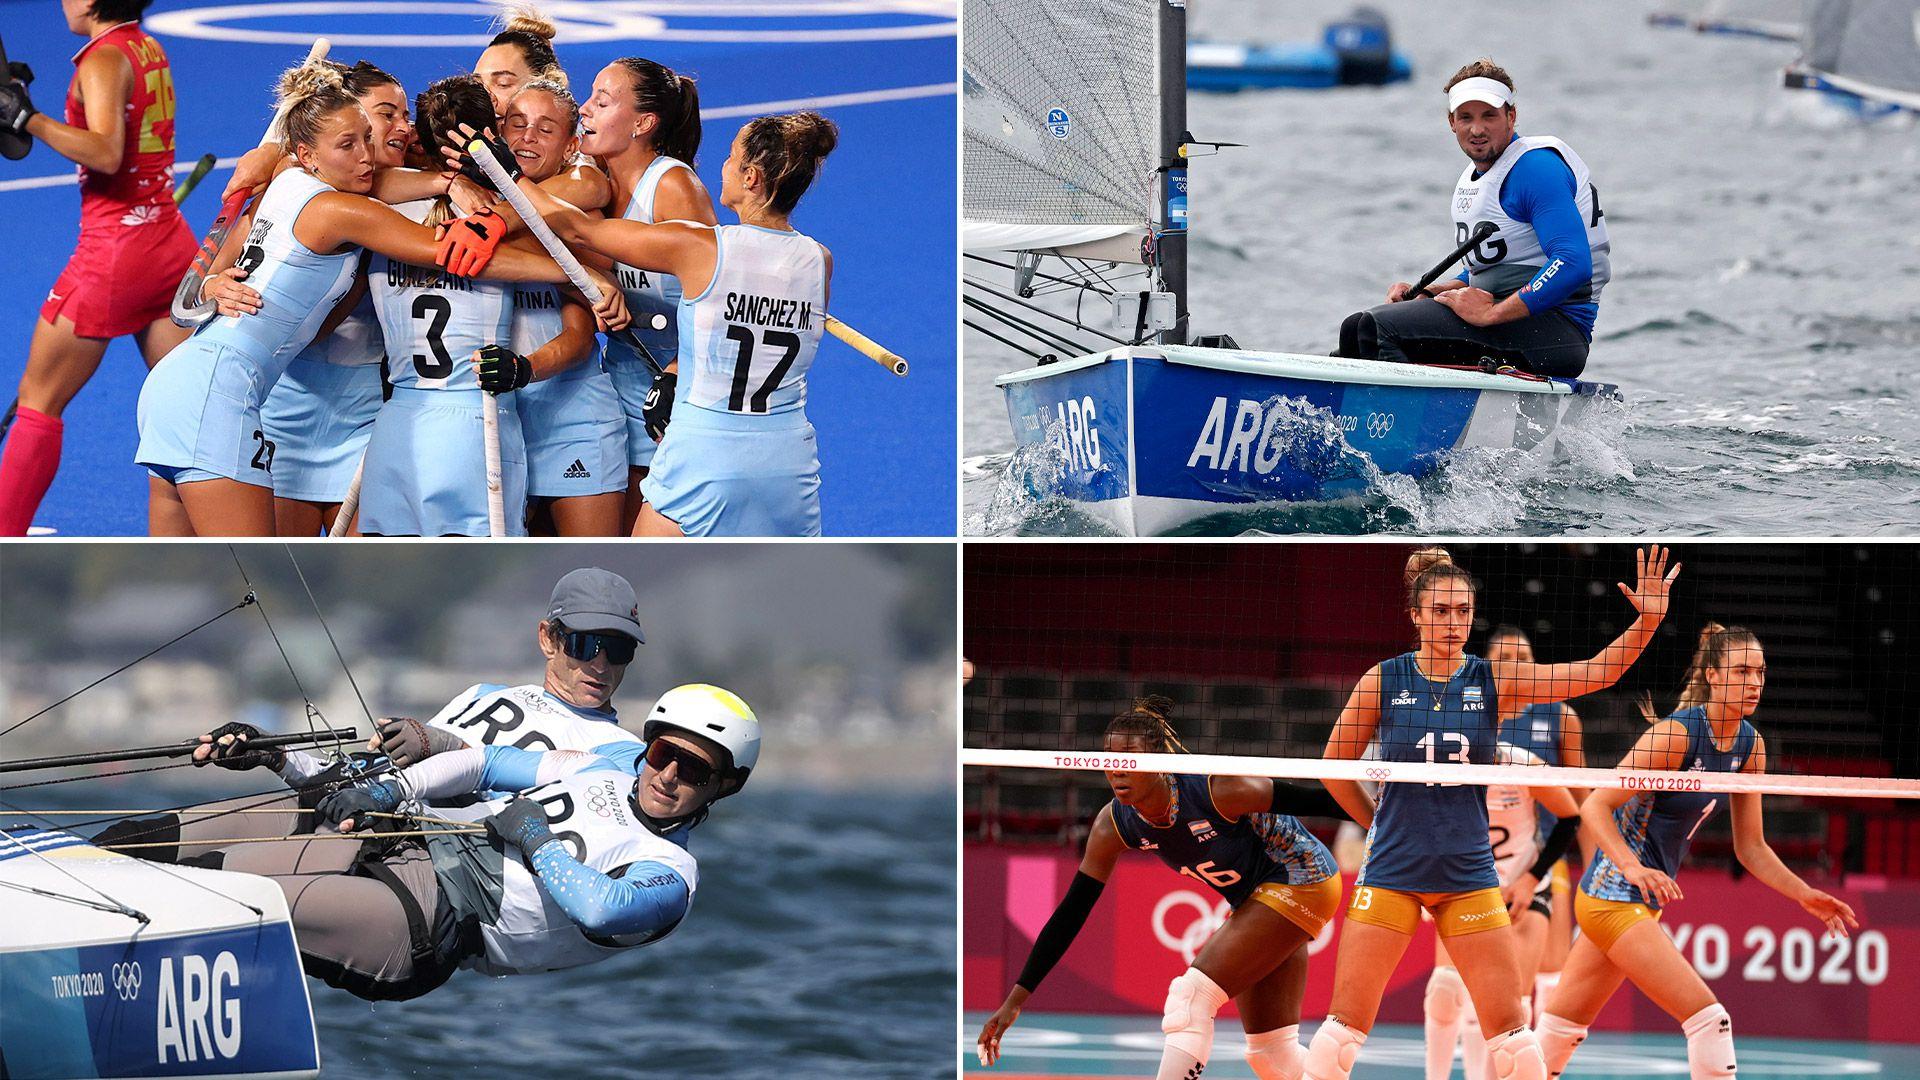 argentina juegos olimpicos tokio Hockey Las Leonas - Vela Facundo Olezza Lange Carranza - Las Panteras Voley